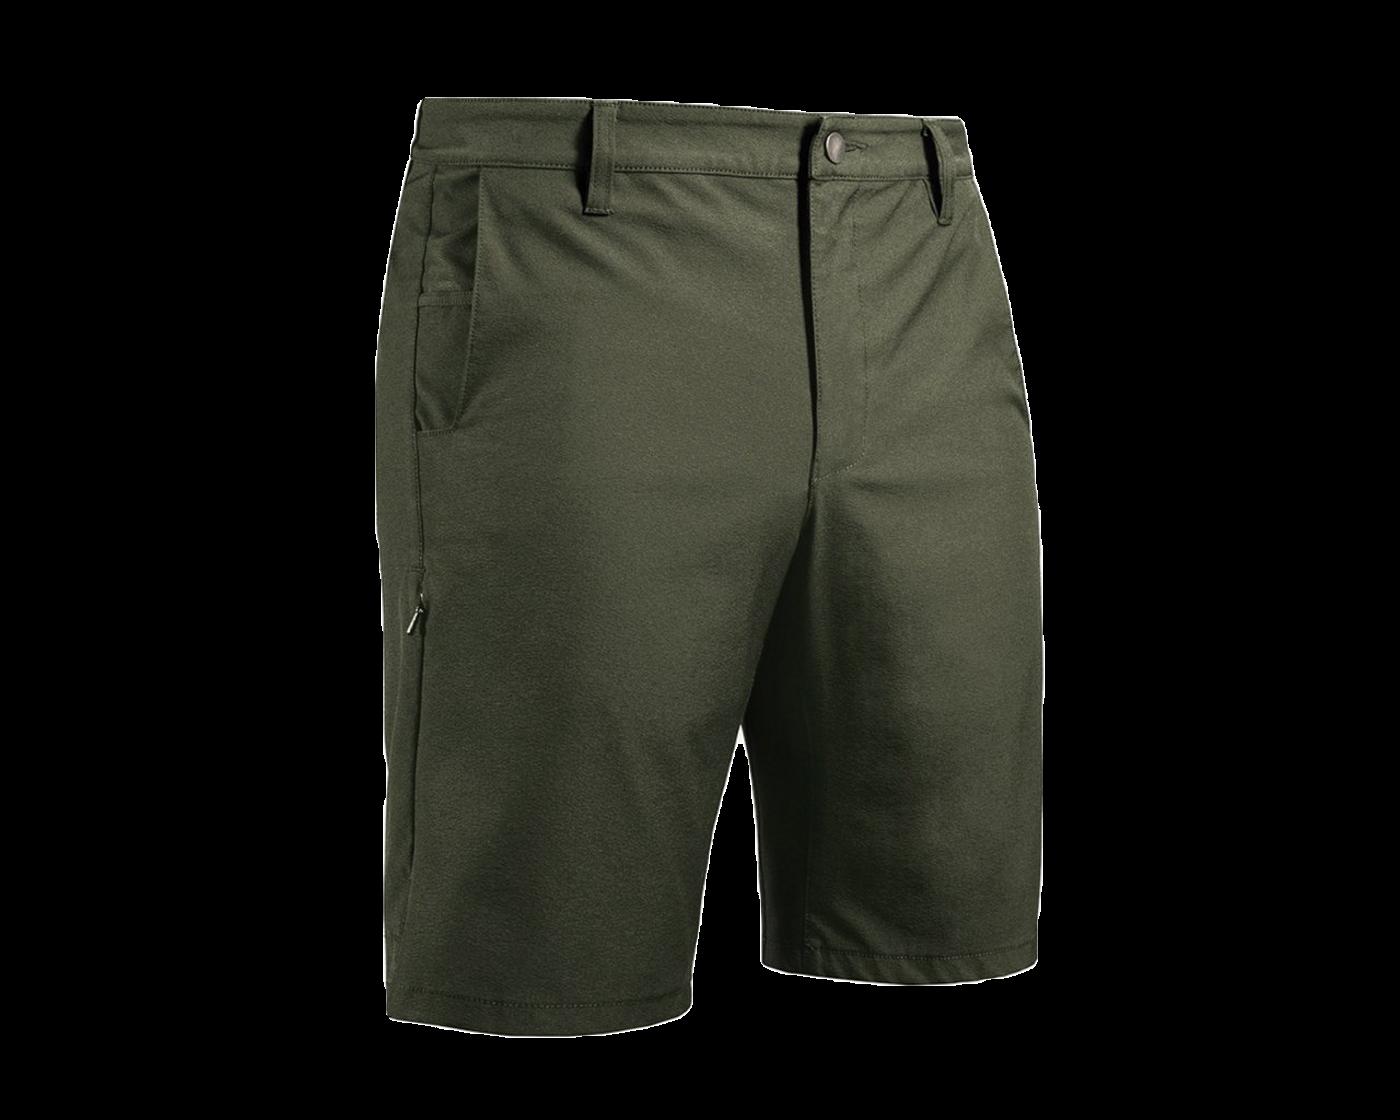 Mission Workshop: Stahl Shorts Restock